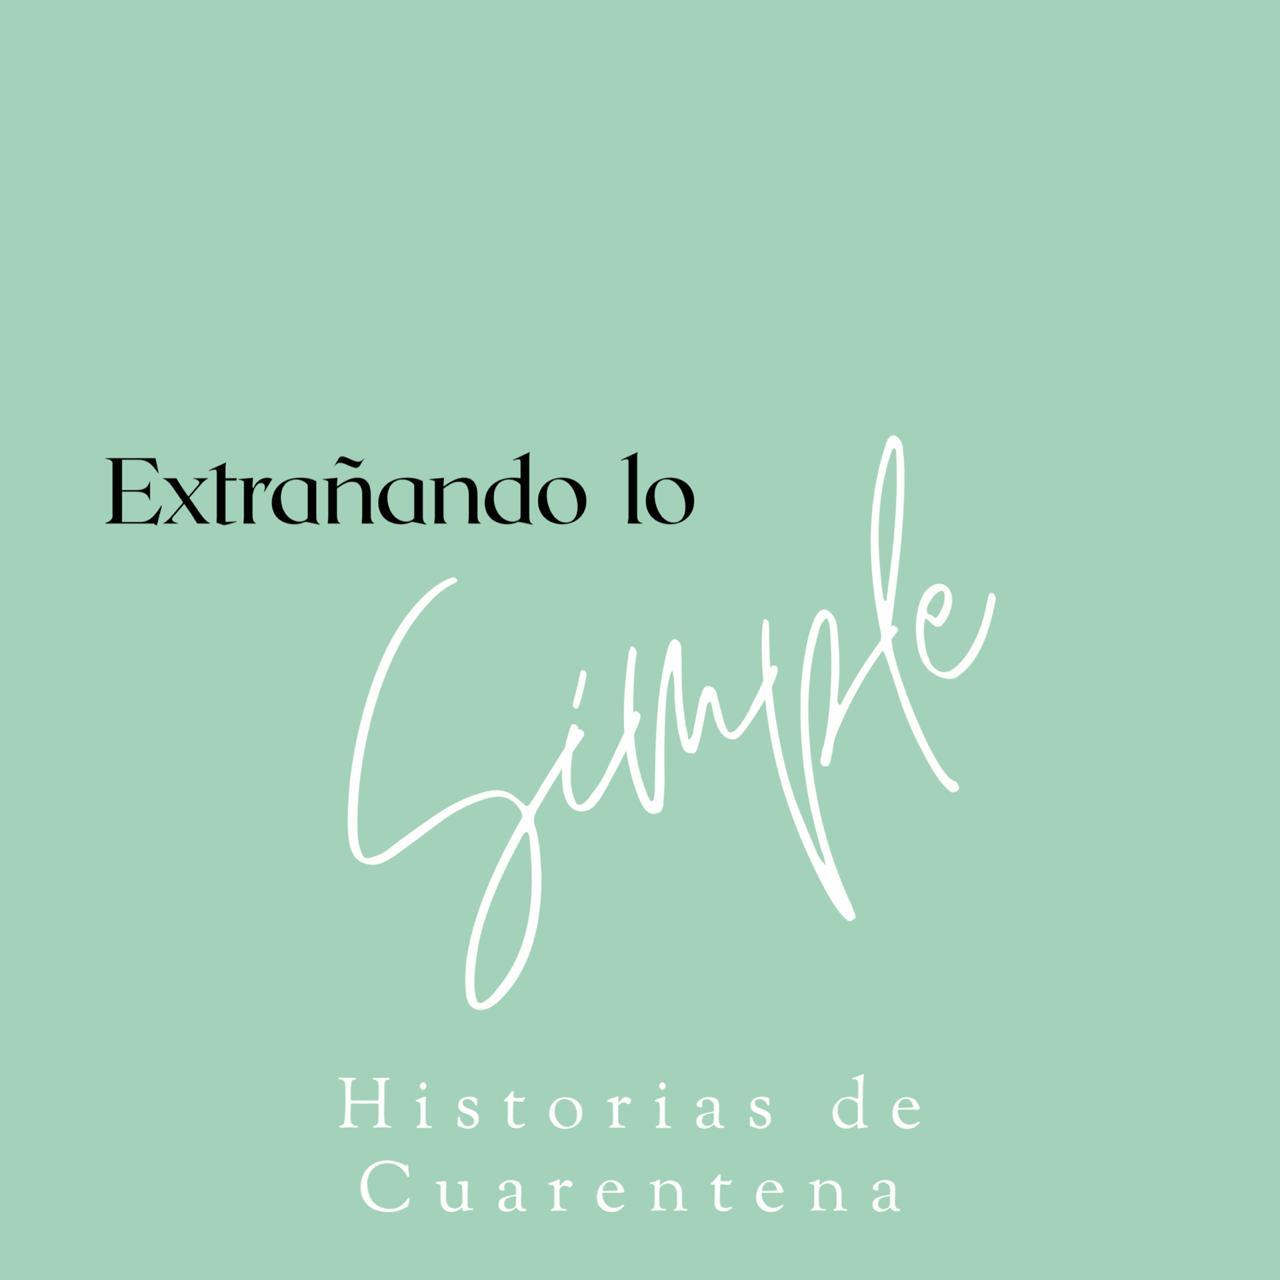 Extrañando lo simple - Andrea Puelma